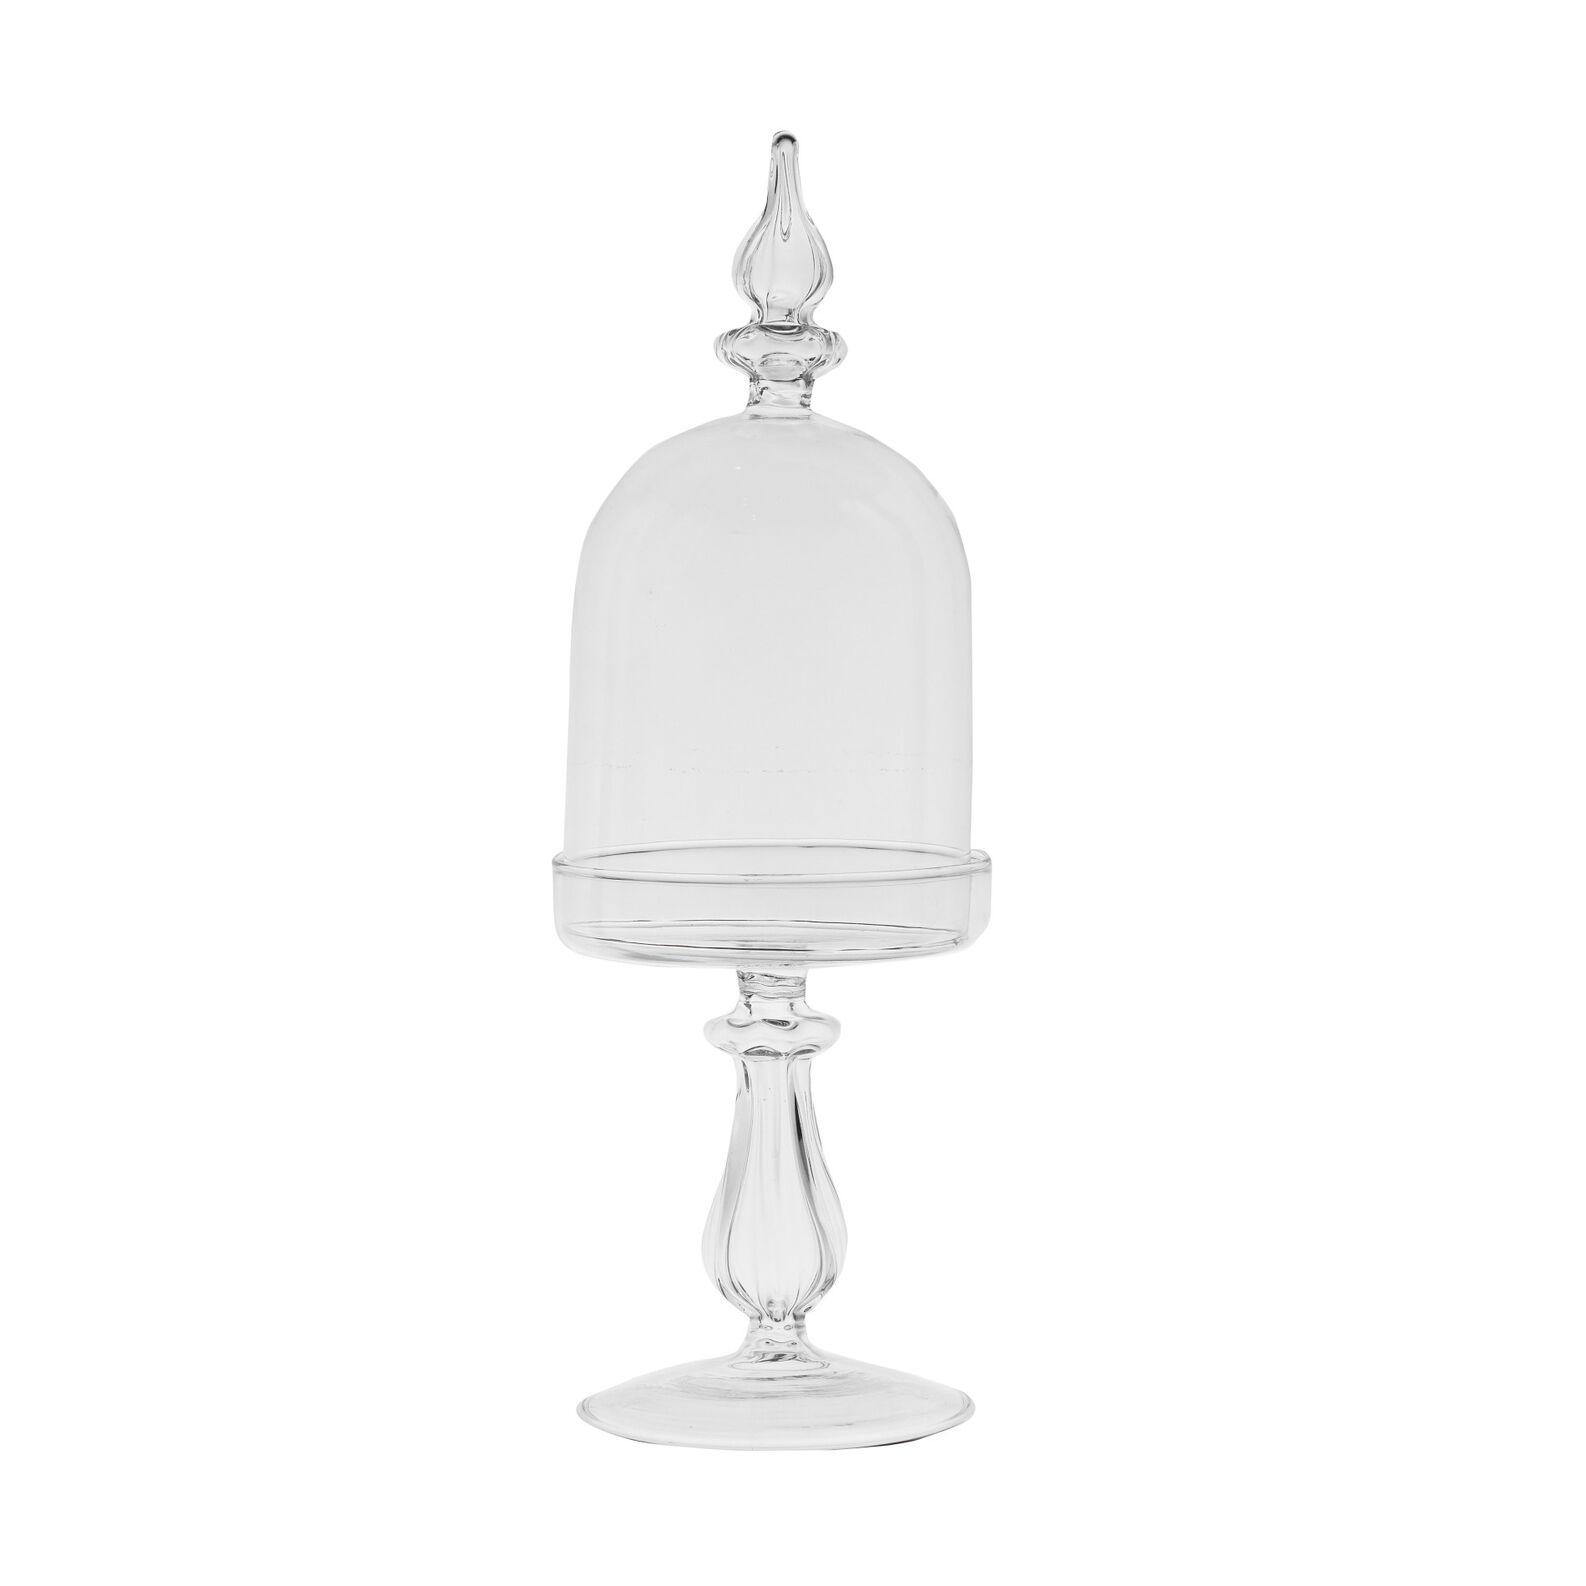 Alzatina in vetro borosilicato - Coincasa